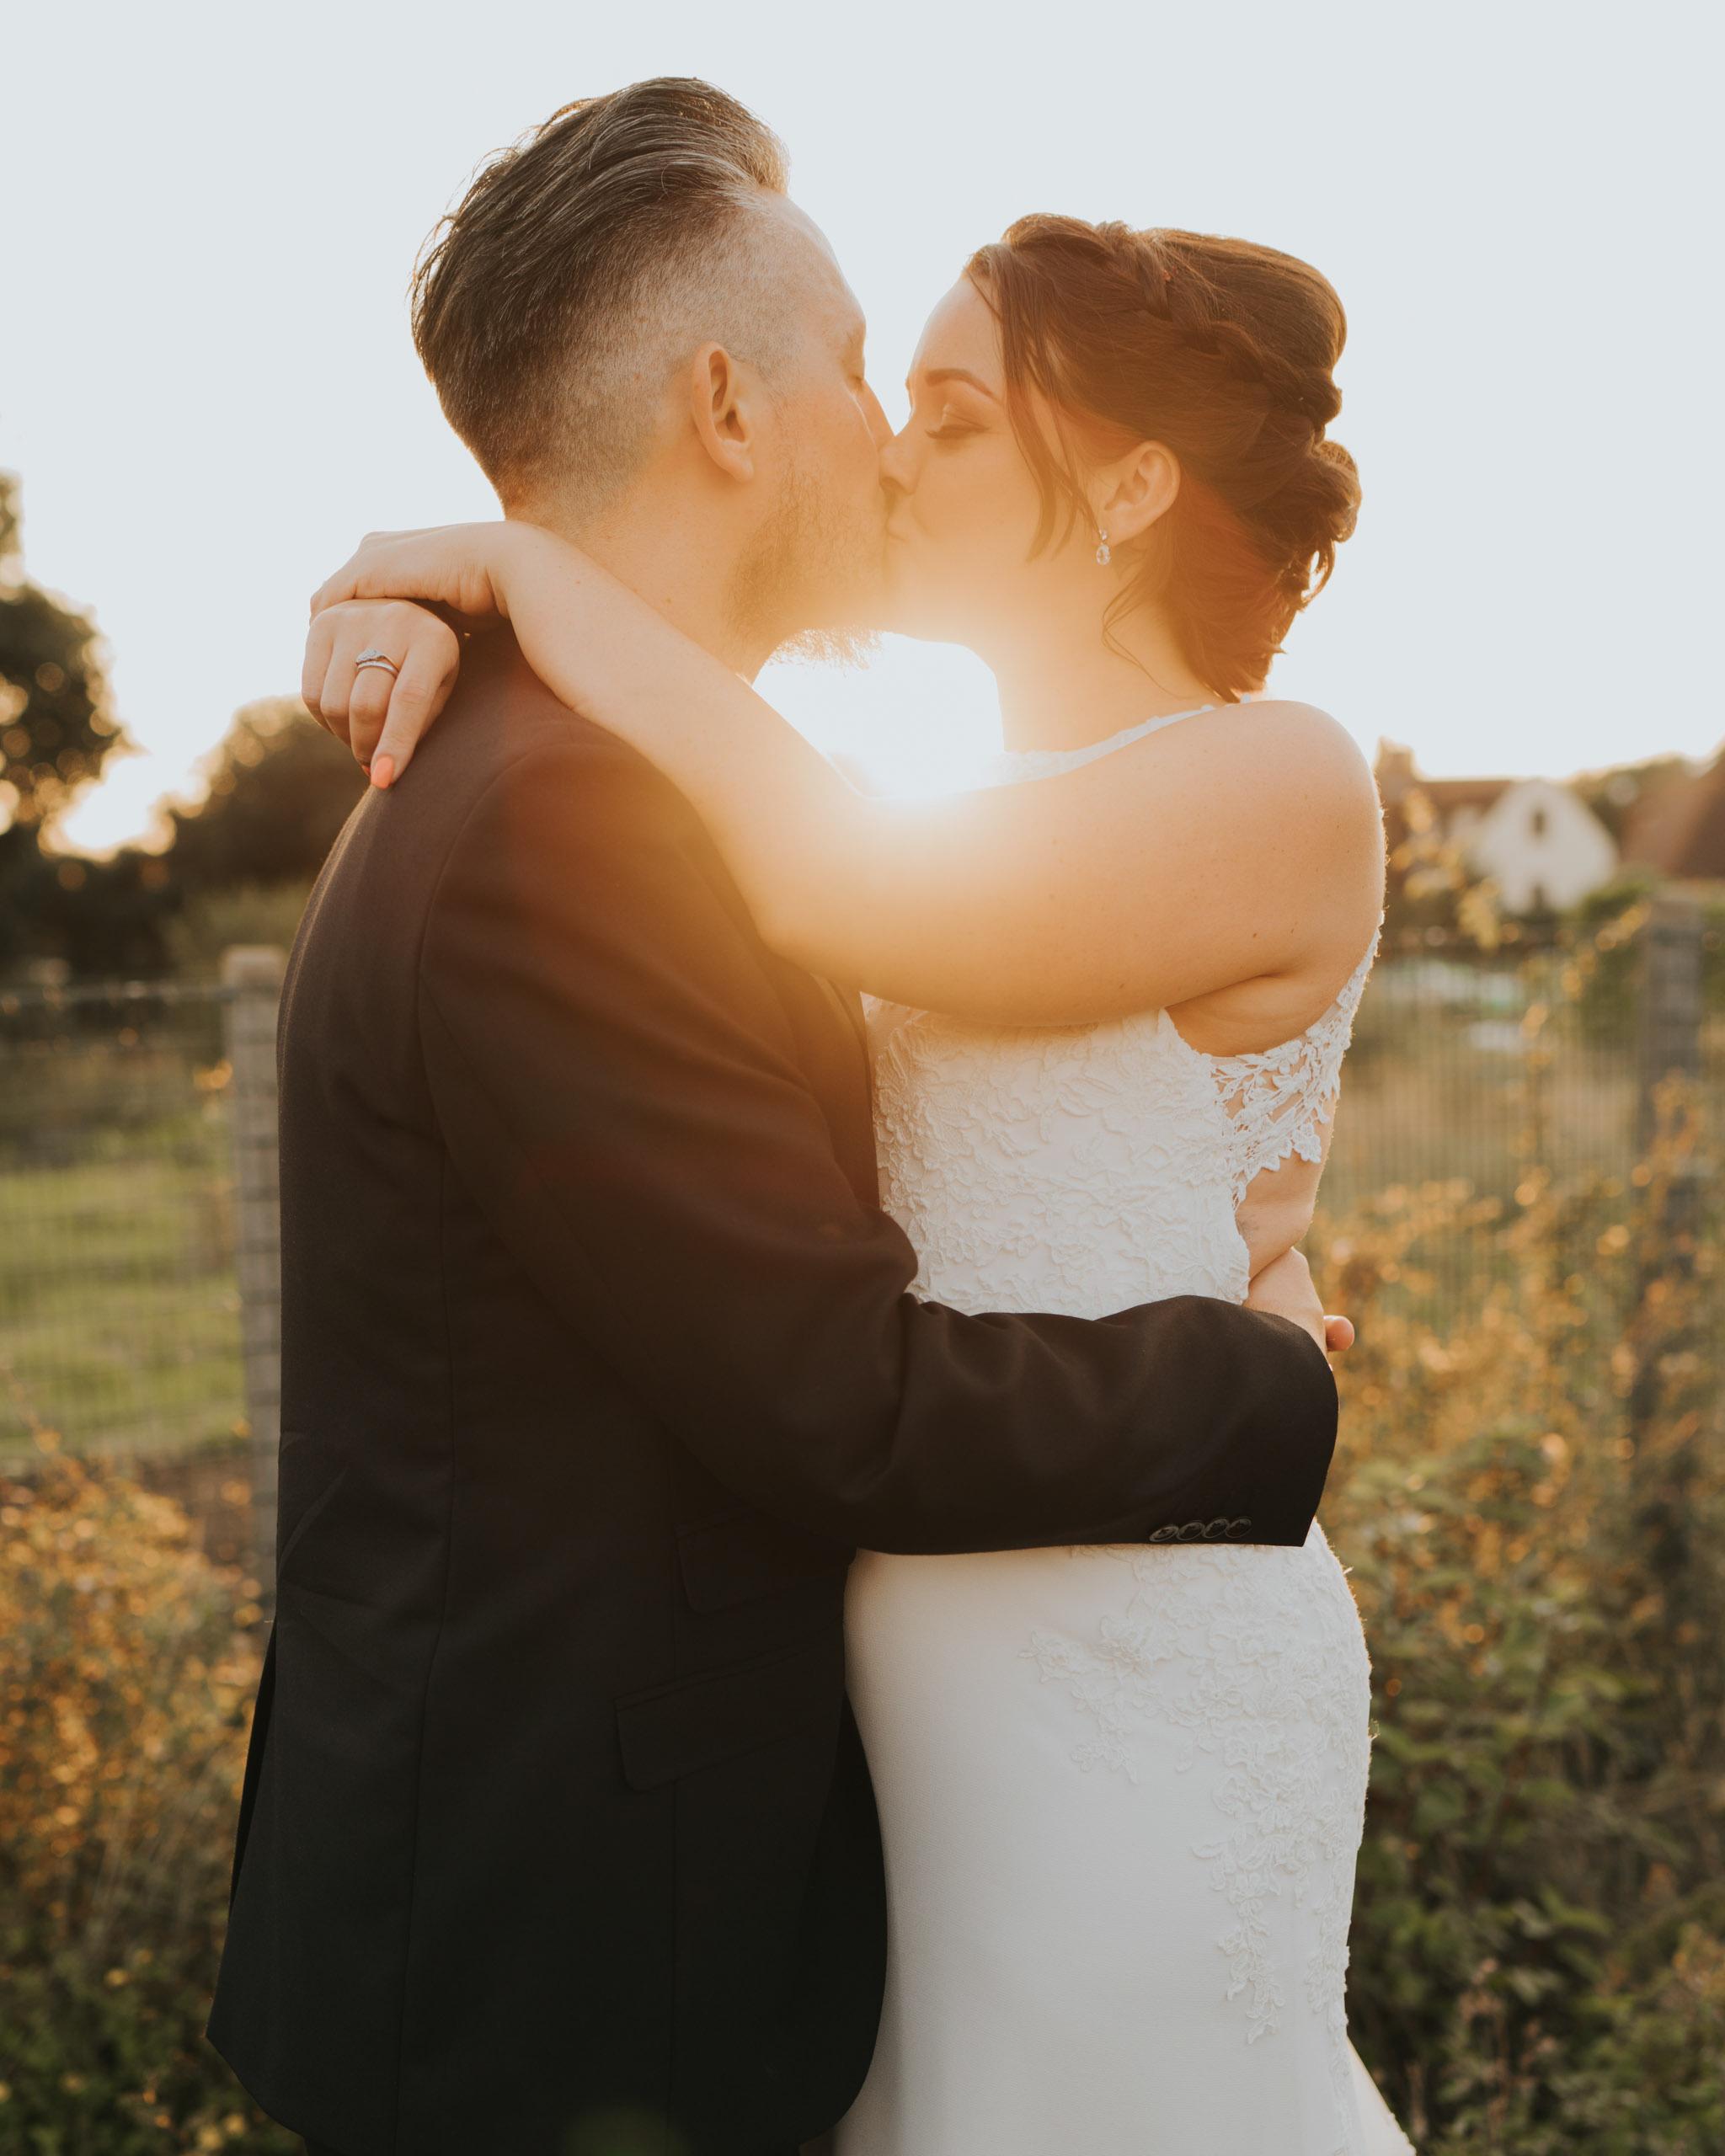 grace-elizabeth-essex-wedding-photographer-best-2018-highlights-norfolk-essex-devon-suffolk (60 of 100).jpg